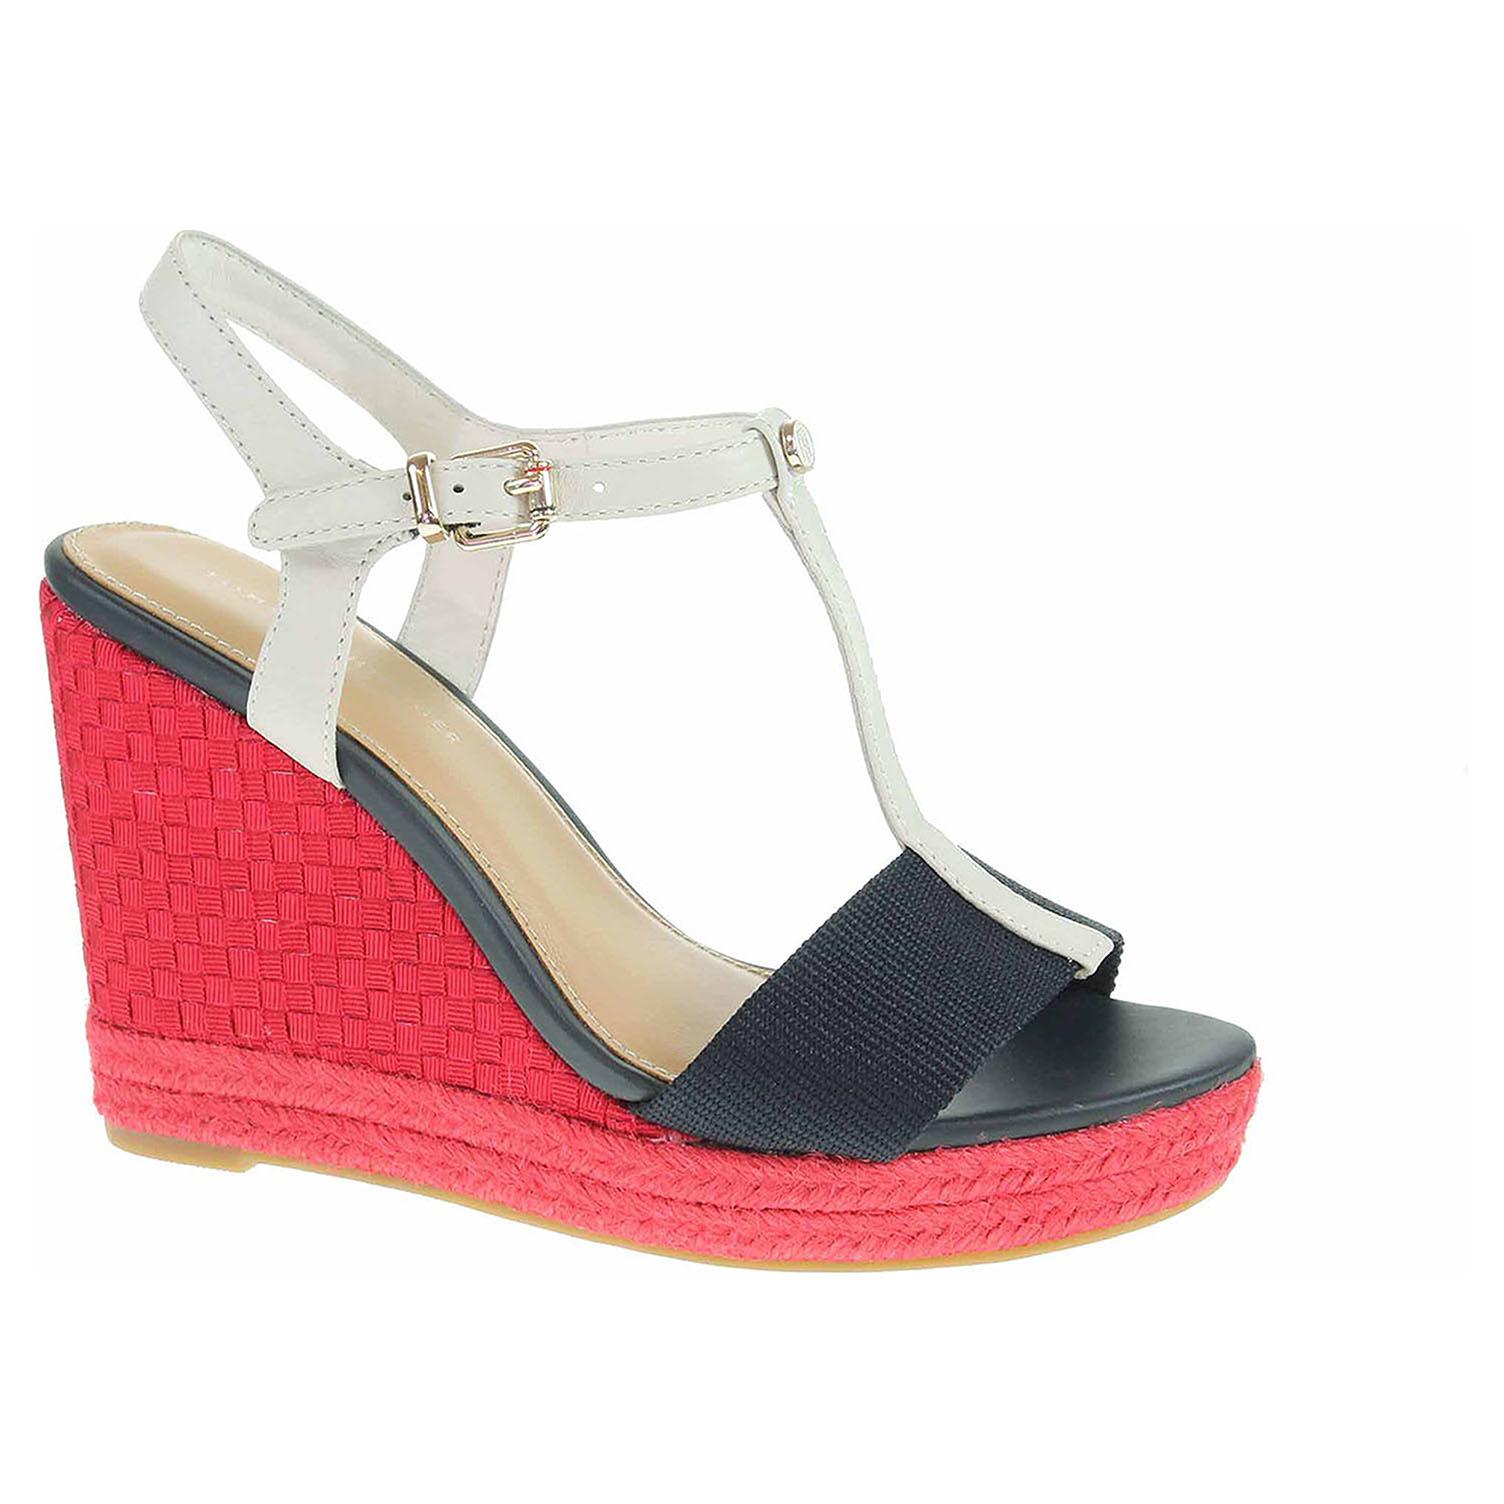 cfb16aa62 Dámské sandály Tommy Hilfiger FW0FW02249 020 rwb | Rejnok obuv